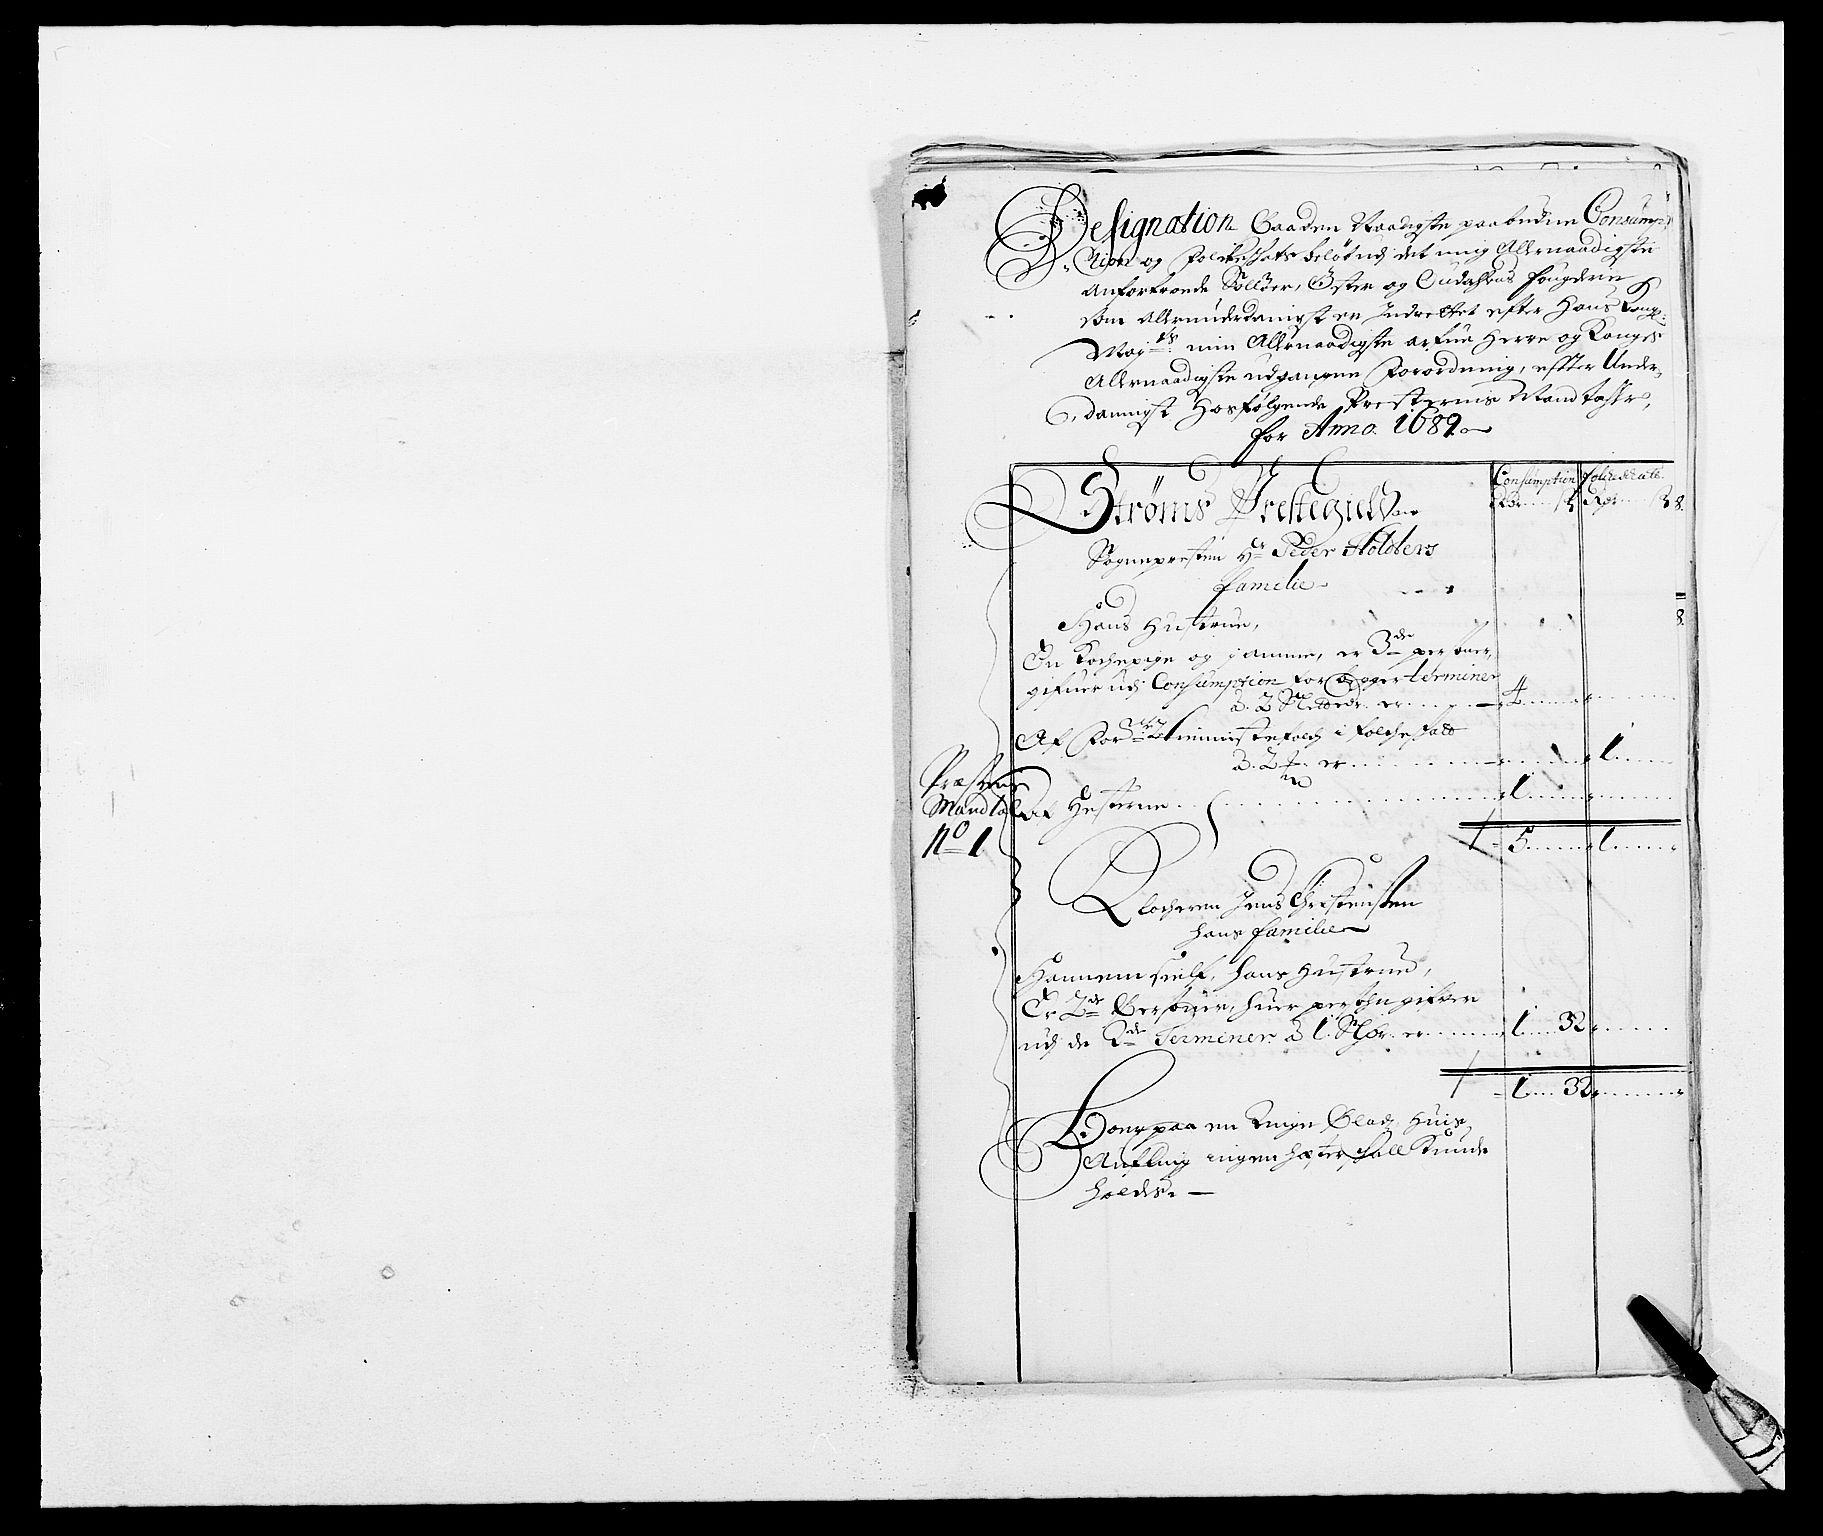 RA, Rentekammeret inntil 1814, Reviderte regnskaper, Fogderegnskap, R13/L0827: Fogderegnskap Solør, Odal og Østerdal, 1689, s. 311